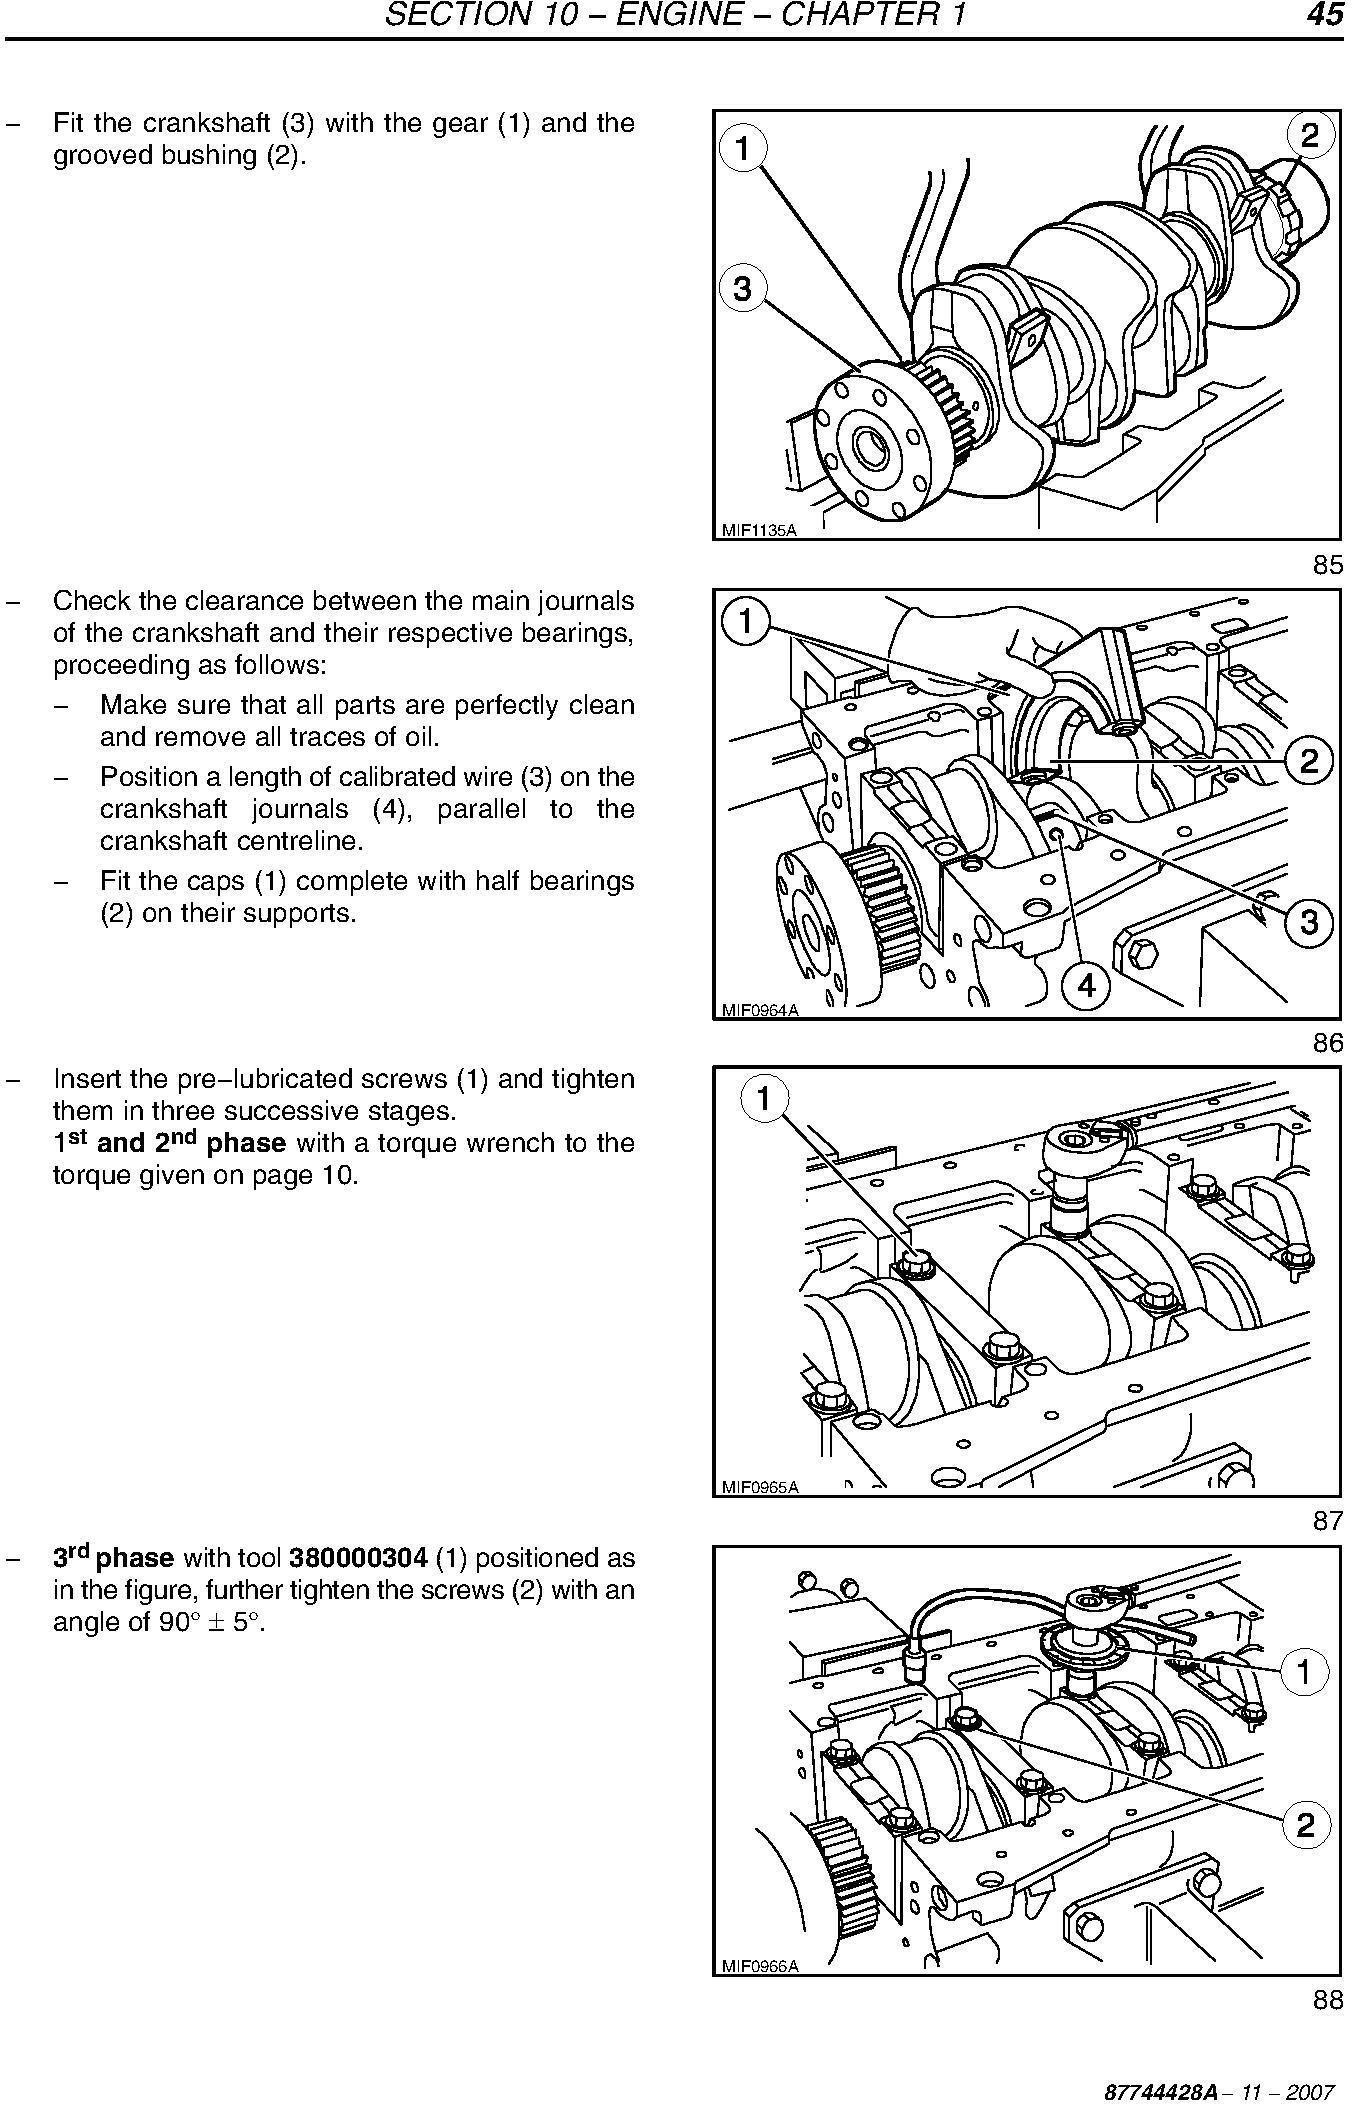 New Holland 4020, T4030, T4040, T4050 Tractors Service Manual - 2